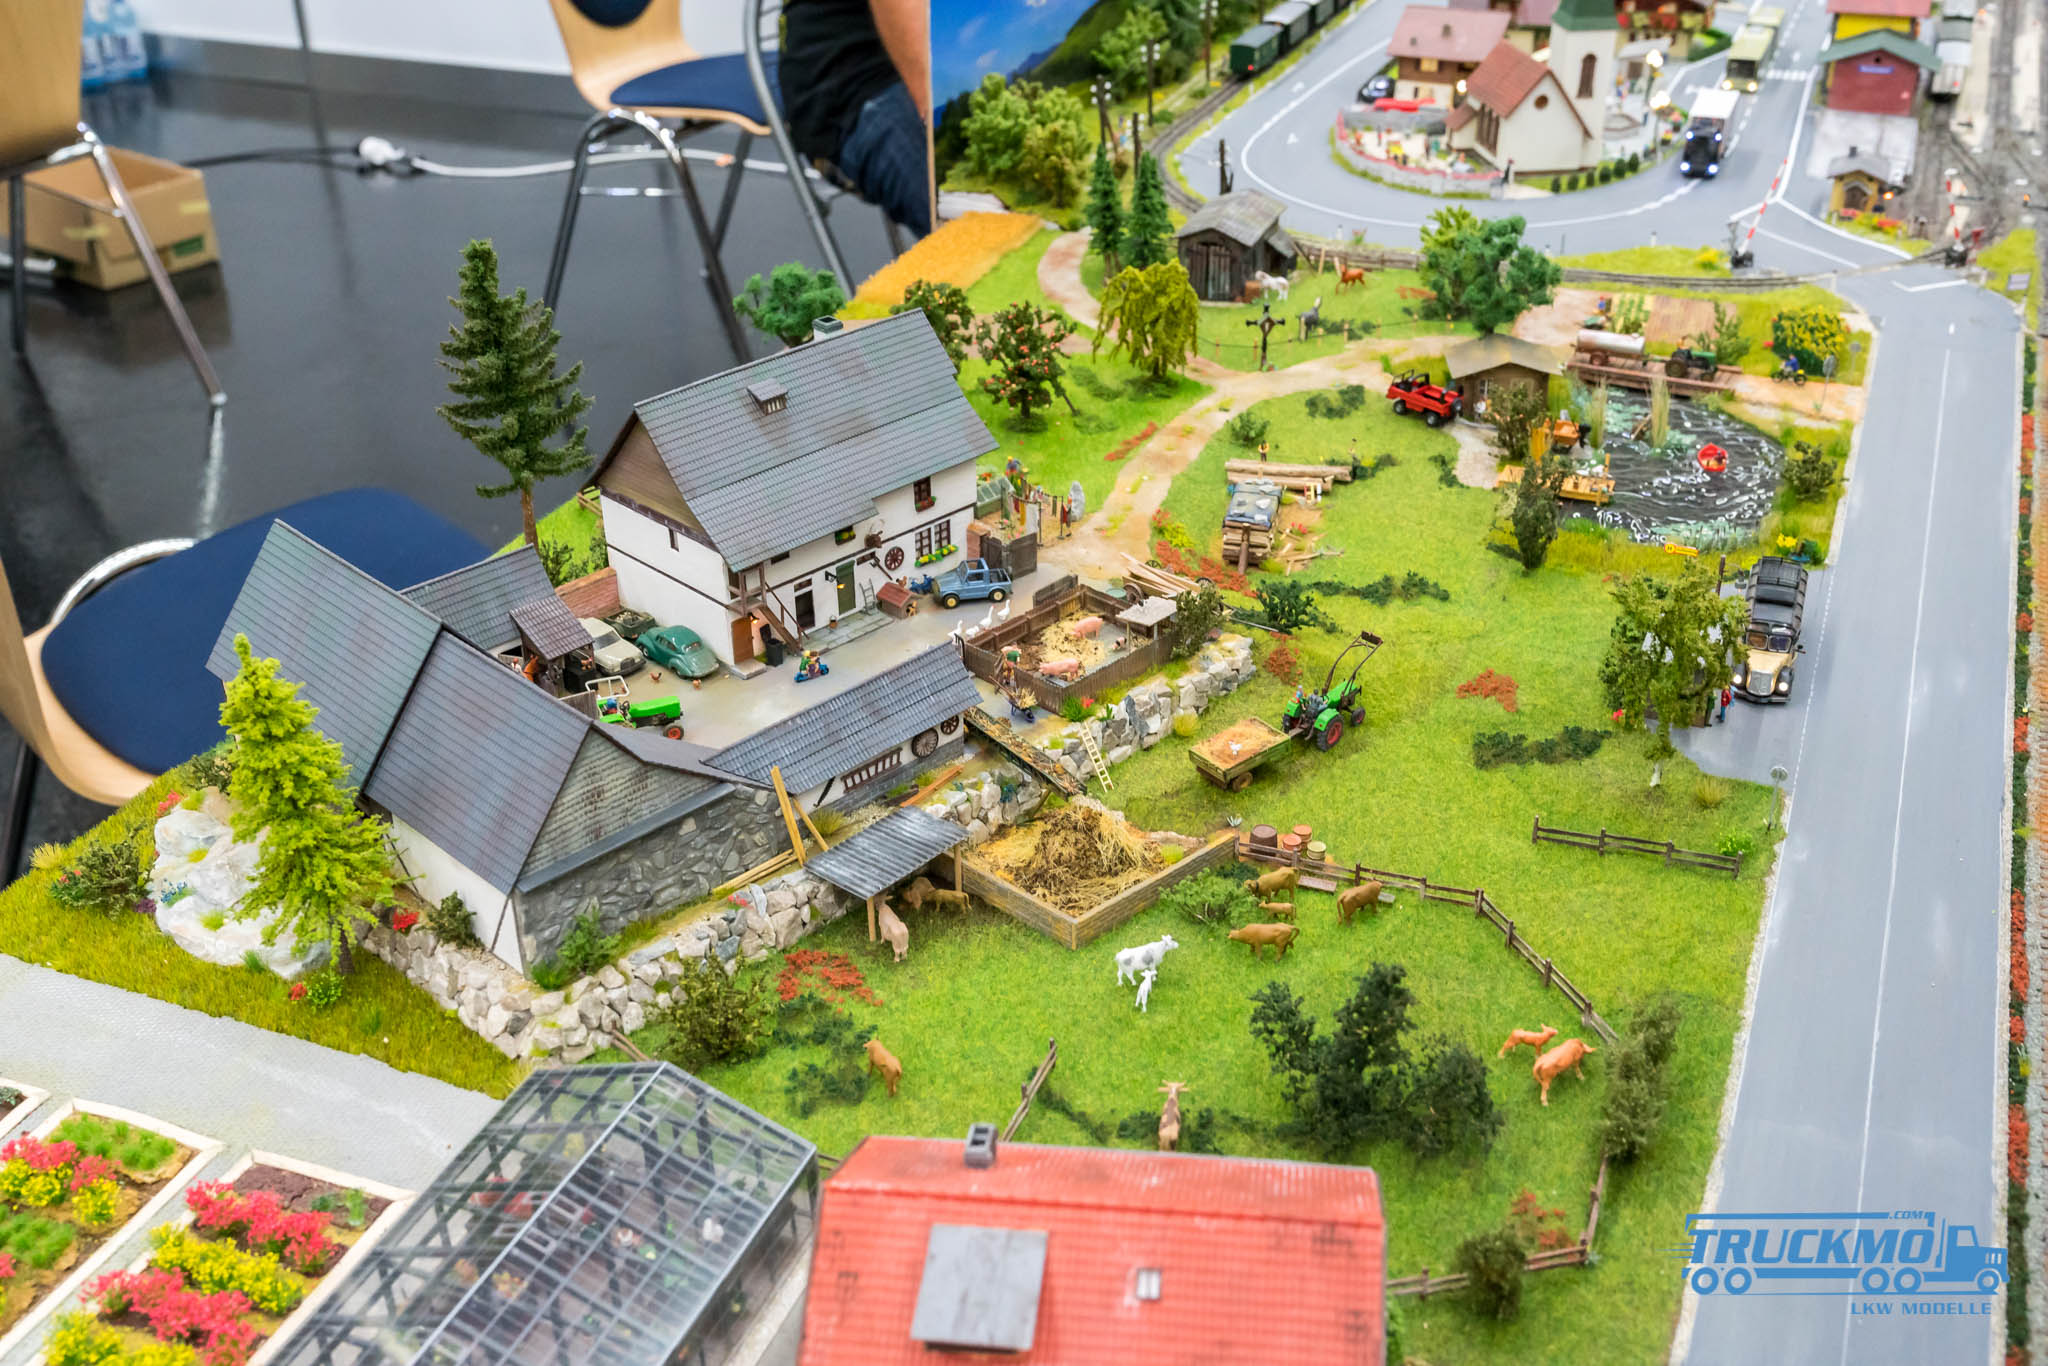 Truckmo_Modellbau_Ried_2017_Herpa_Messe_Modellbauausstellung (277 von 1177)